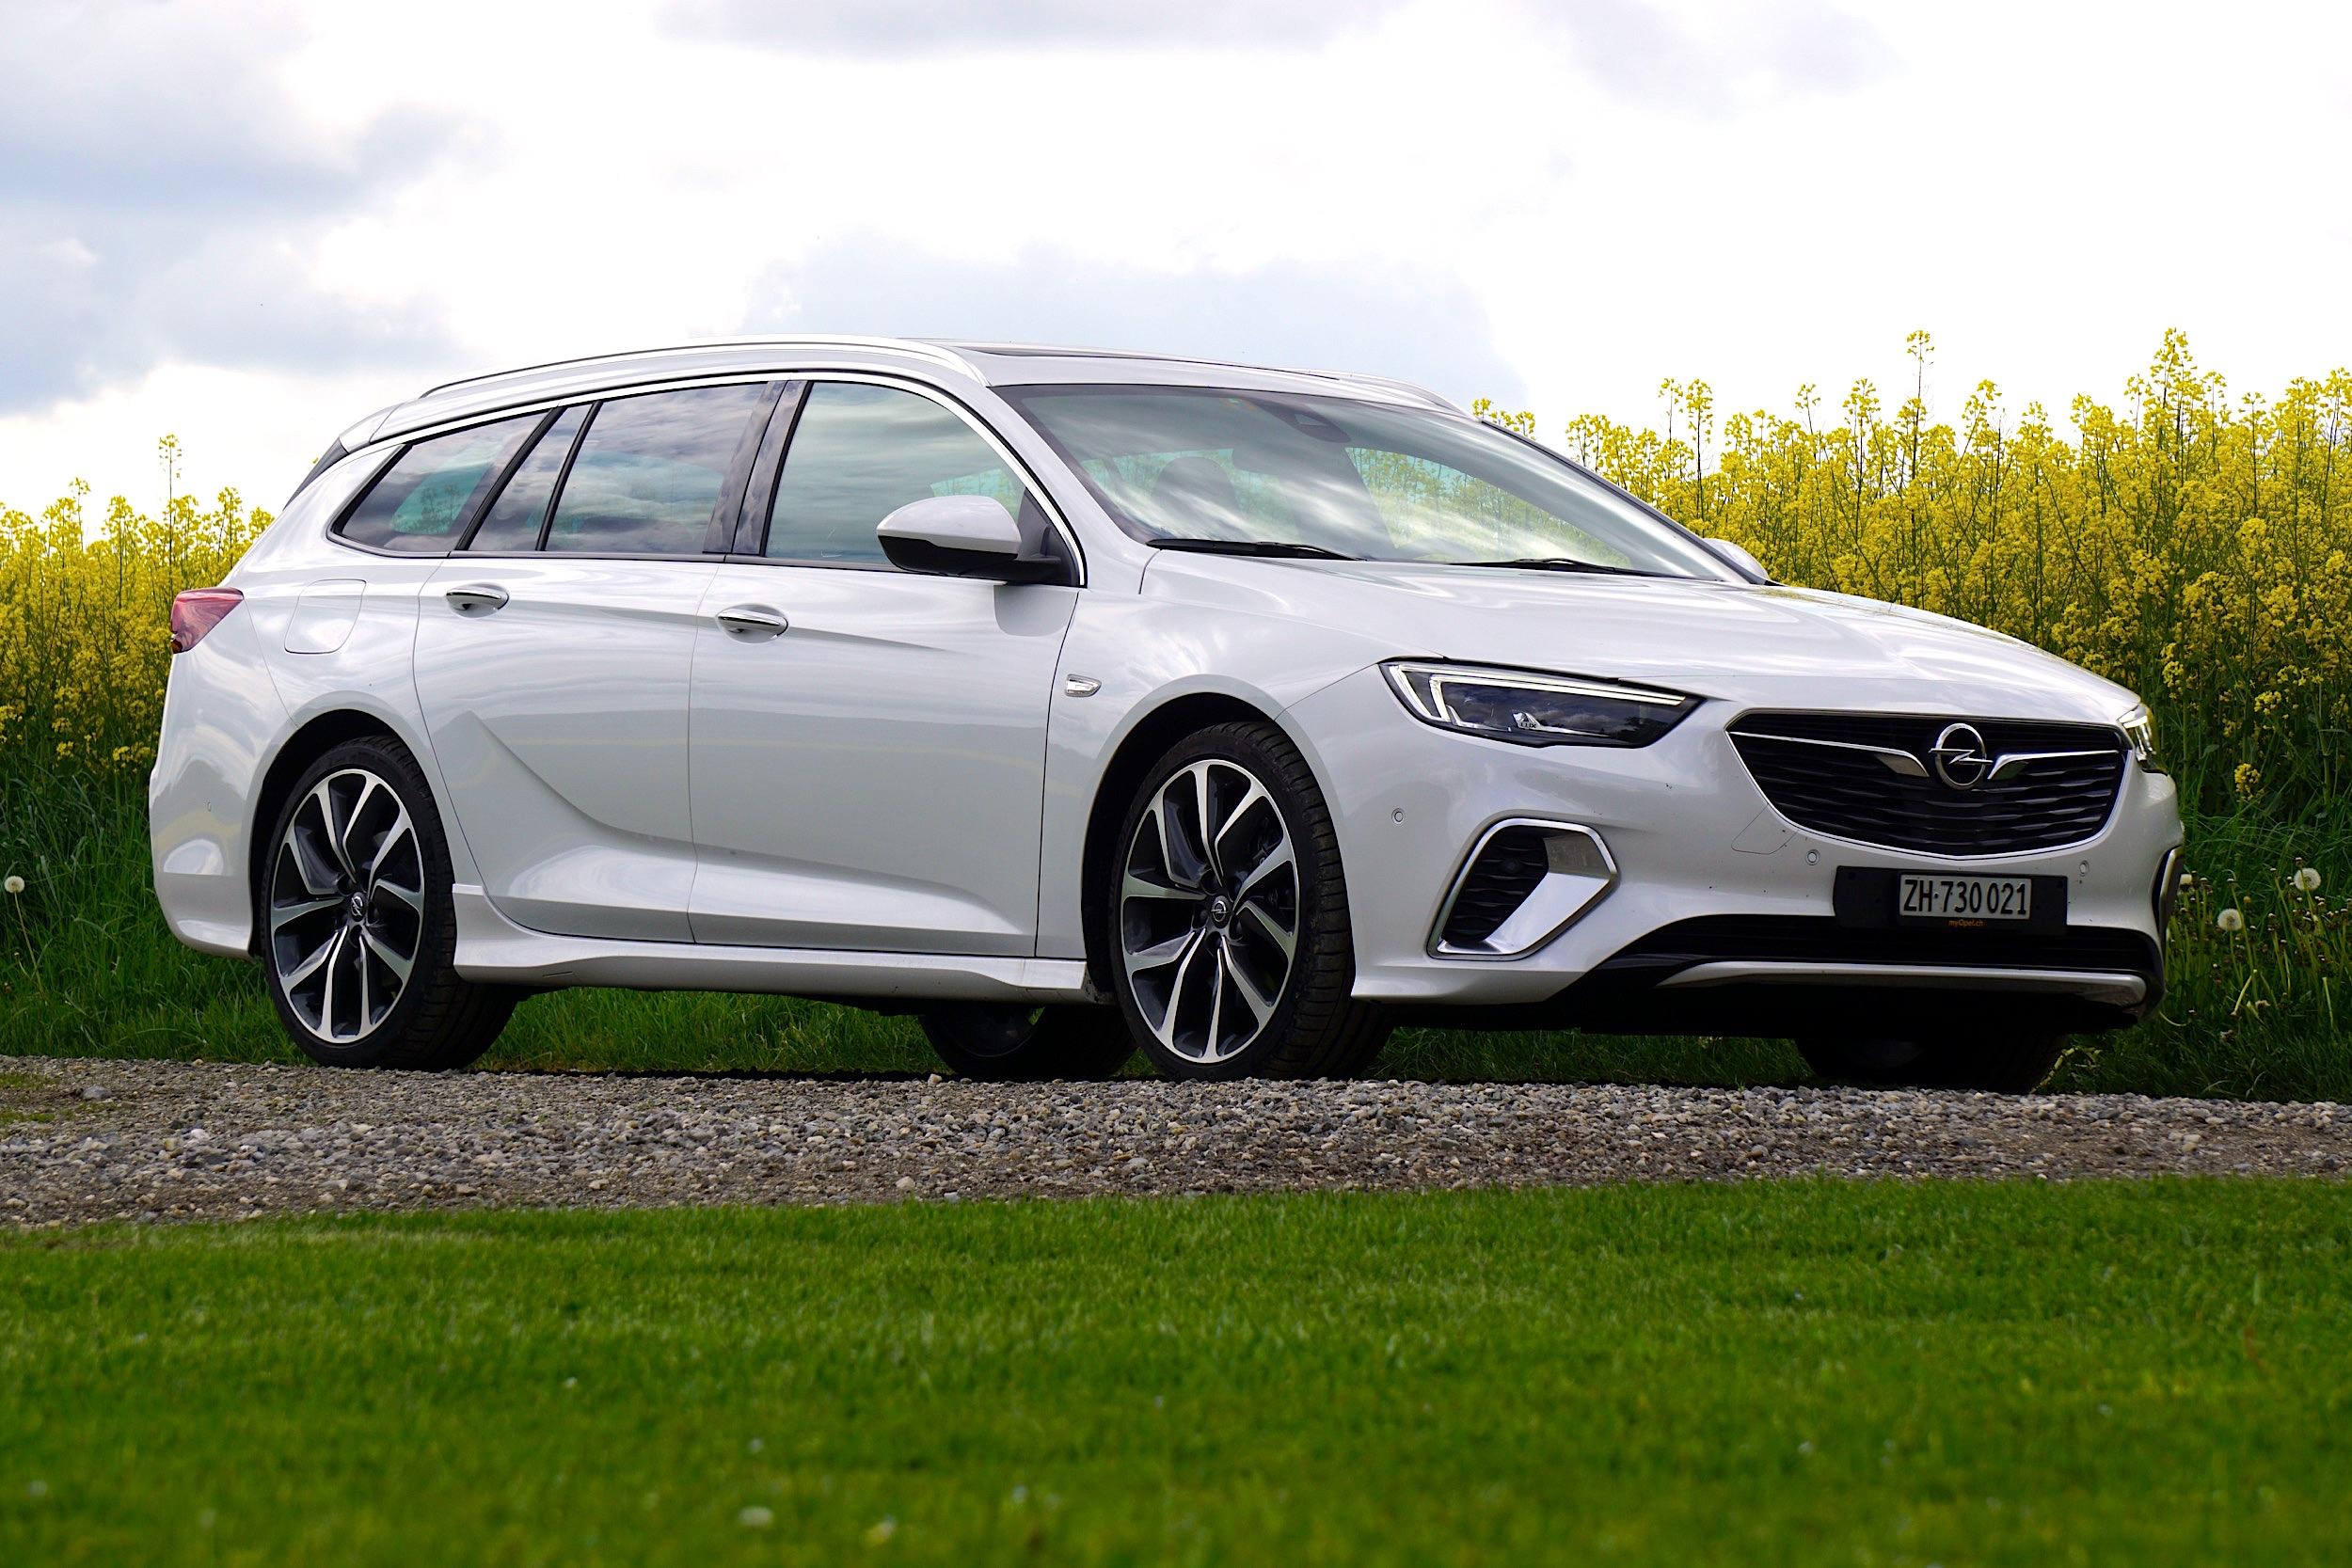 Test Opel Insignia Sports Tourer Radicalmag 2018 1 Irgendwie Schade Denn Der Ist Als Gsi Nicht Sportler Sondern Mehr So Souvern